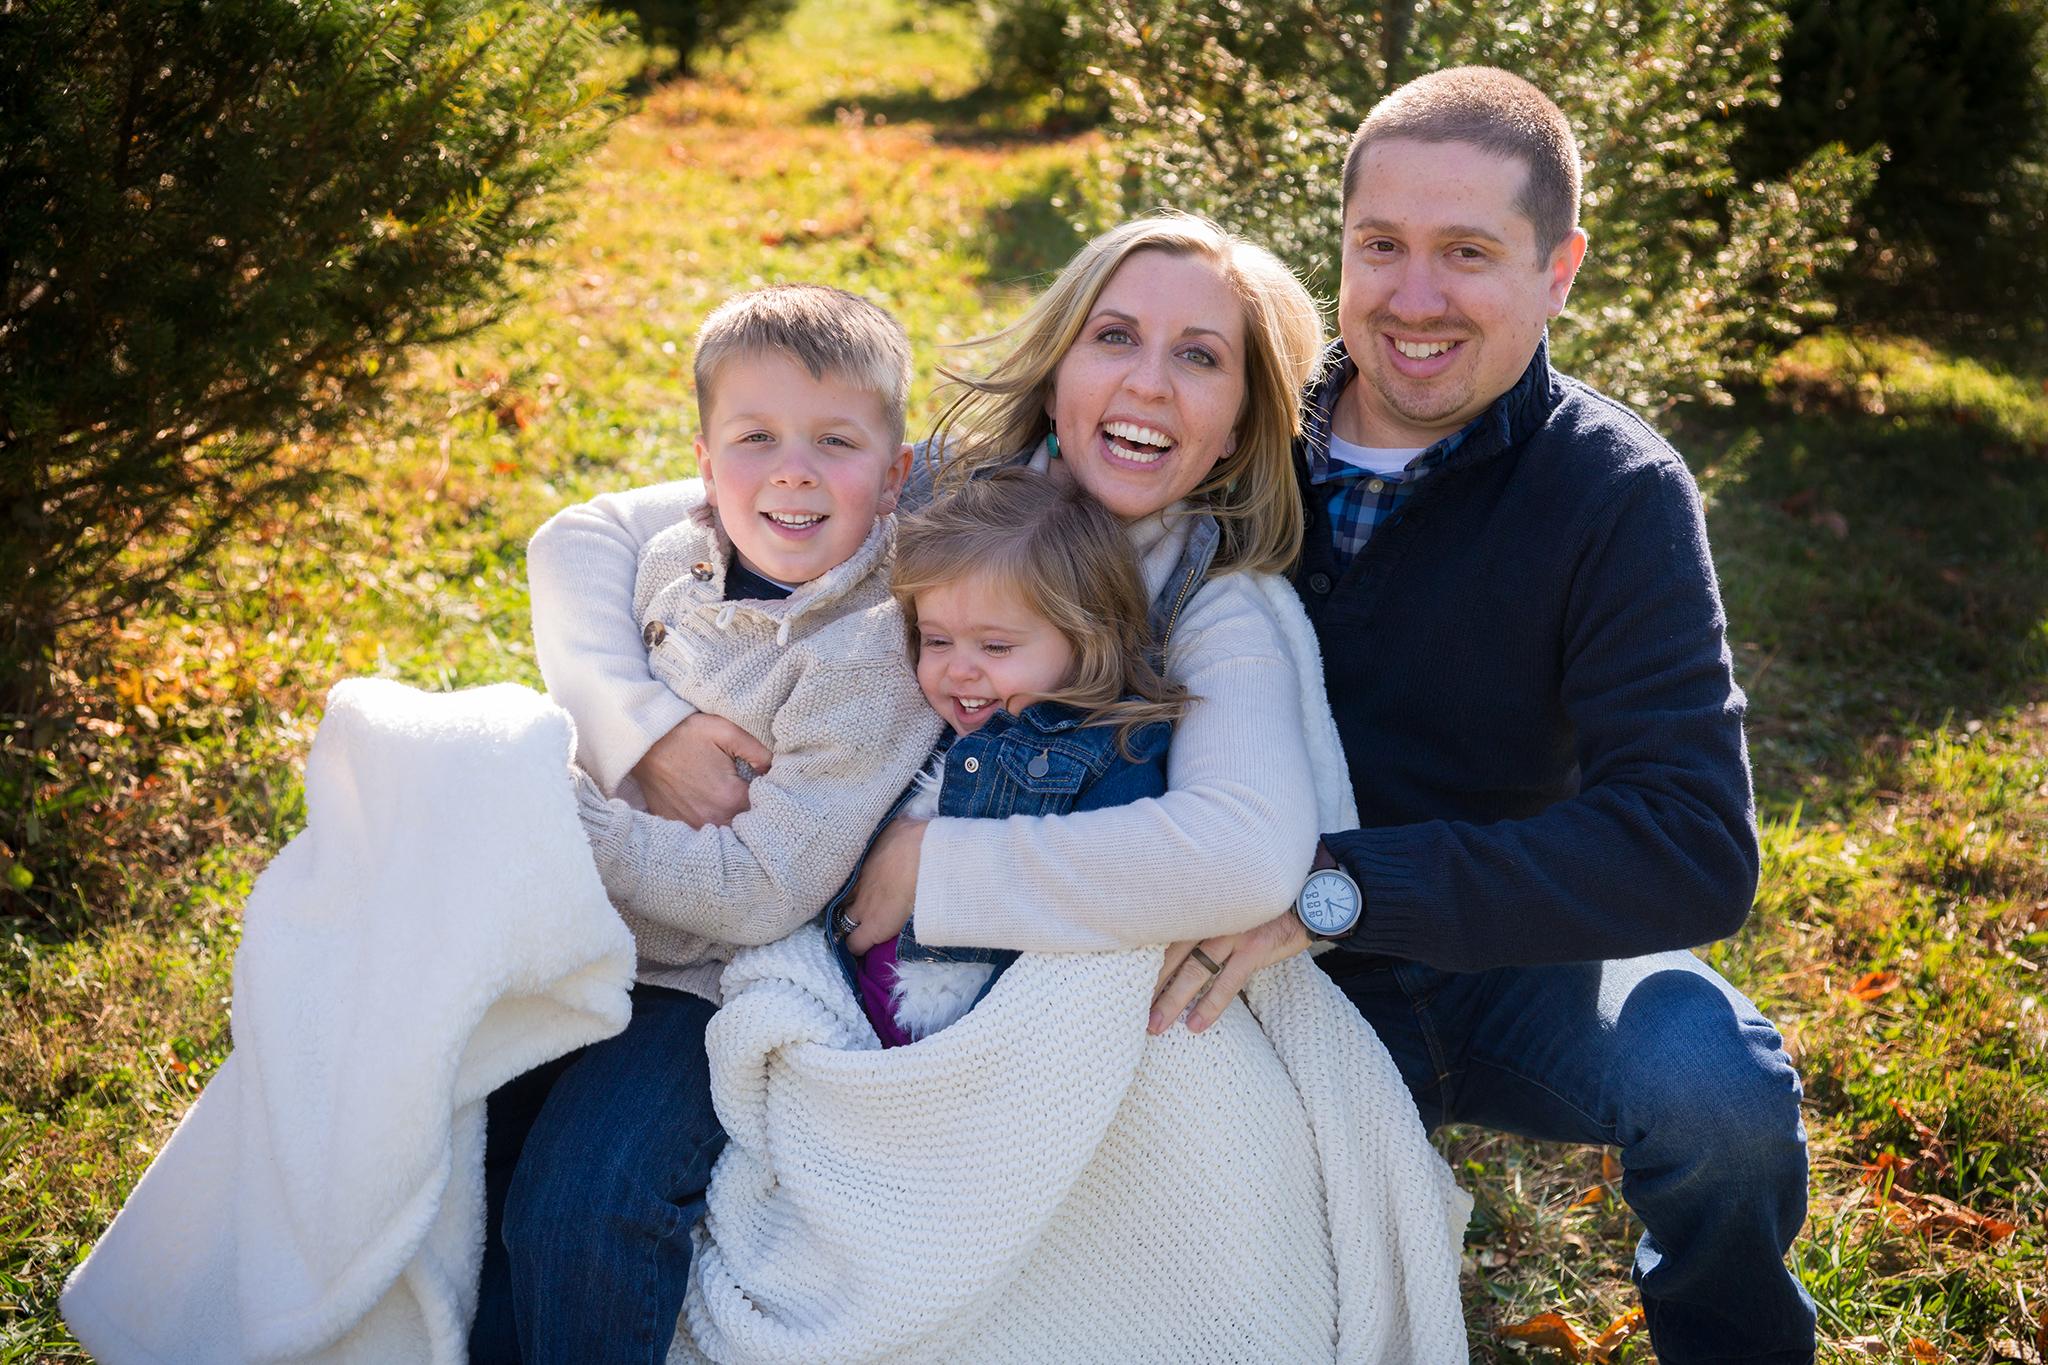 Berks County Family Photography